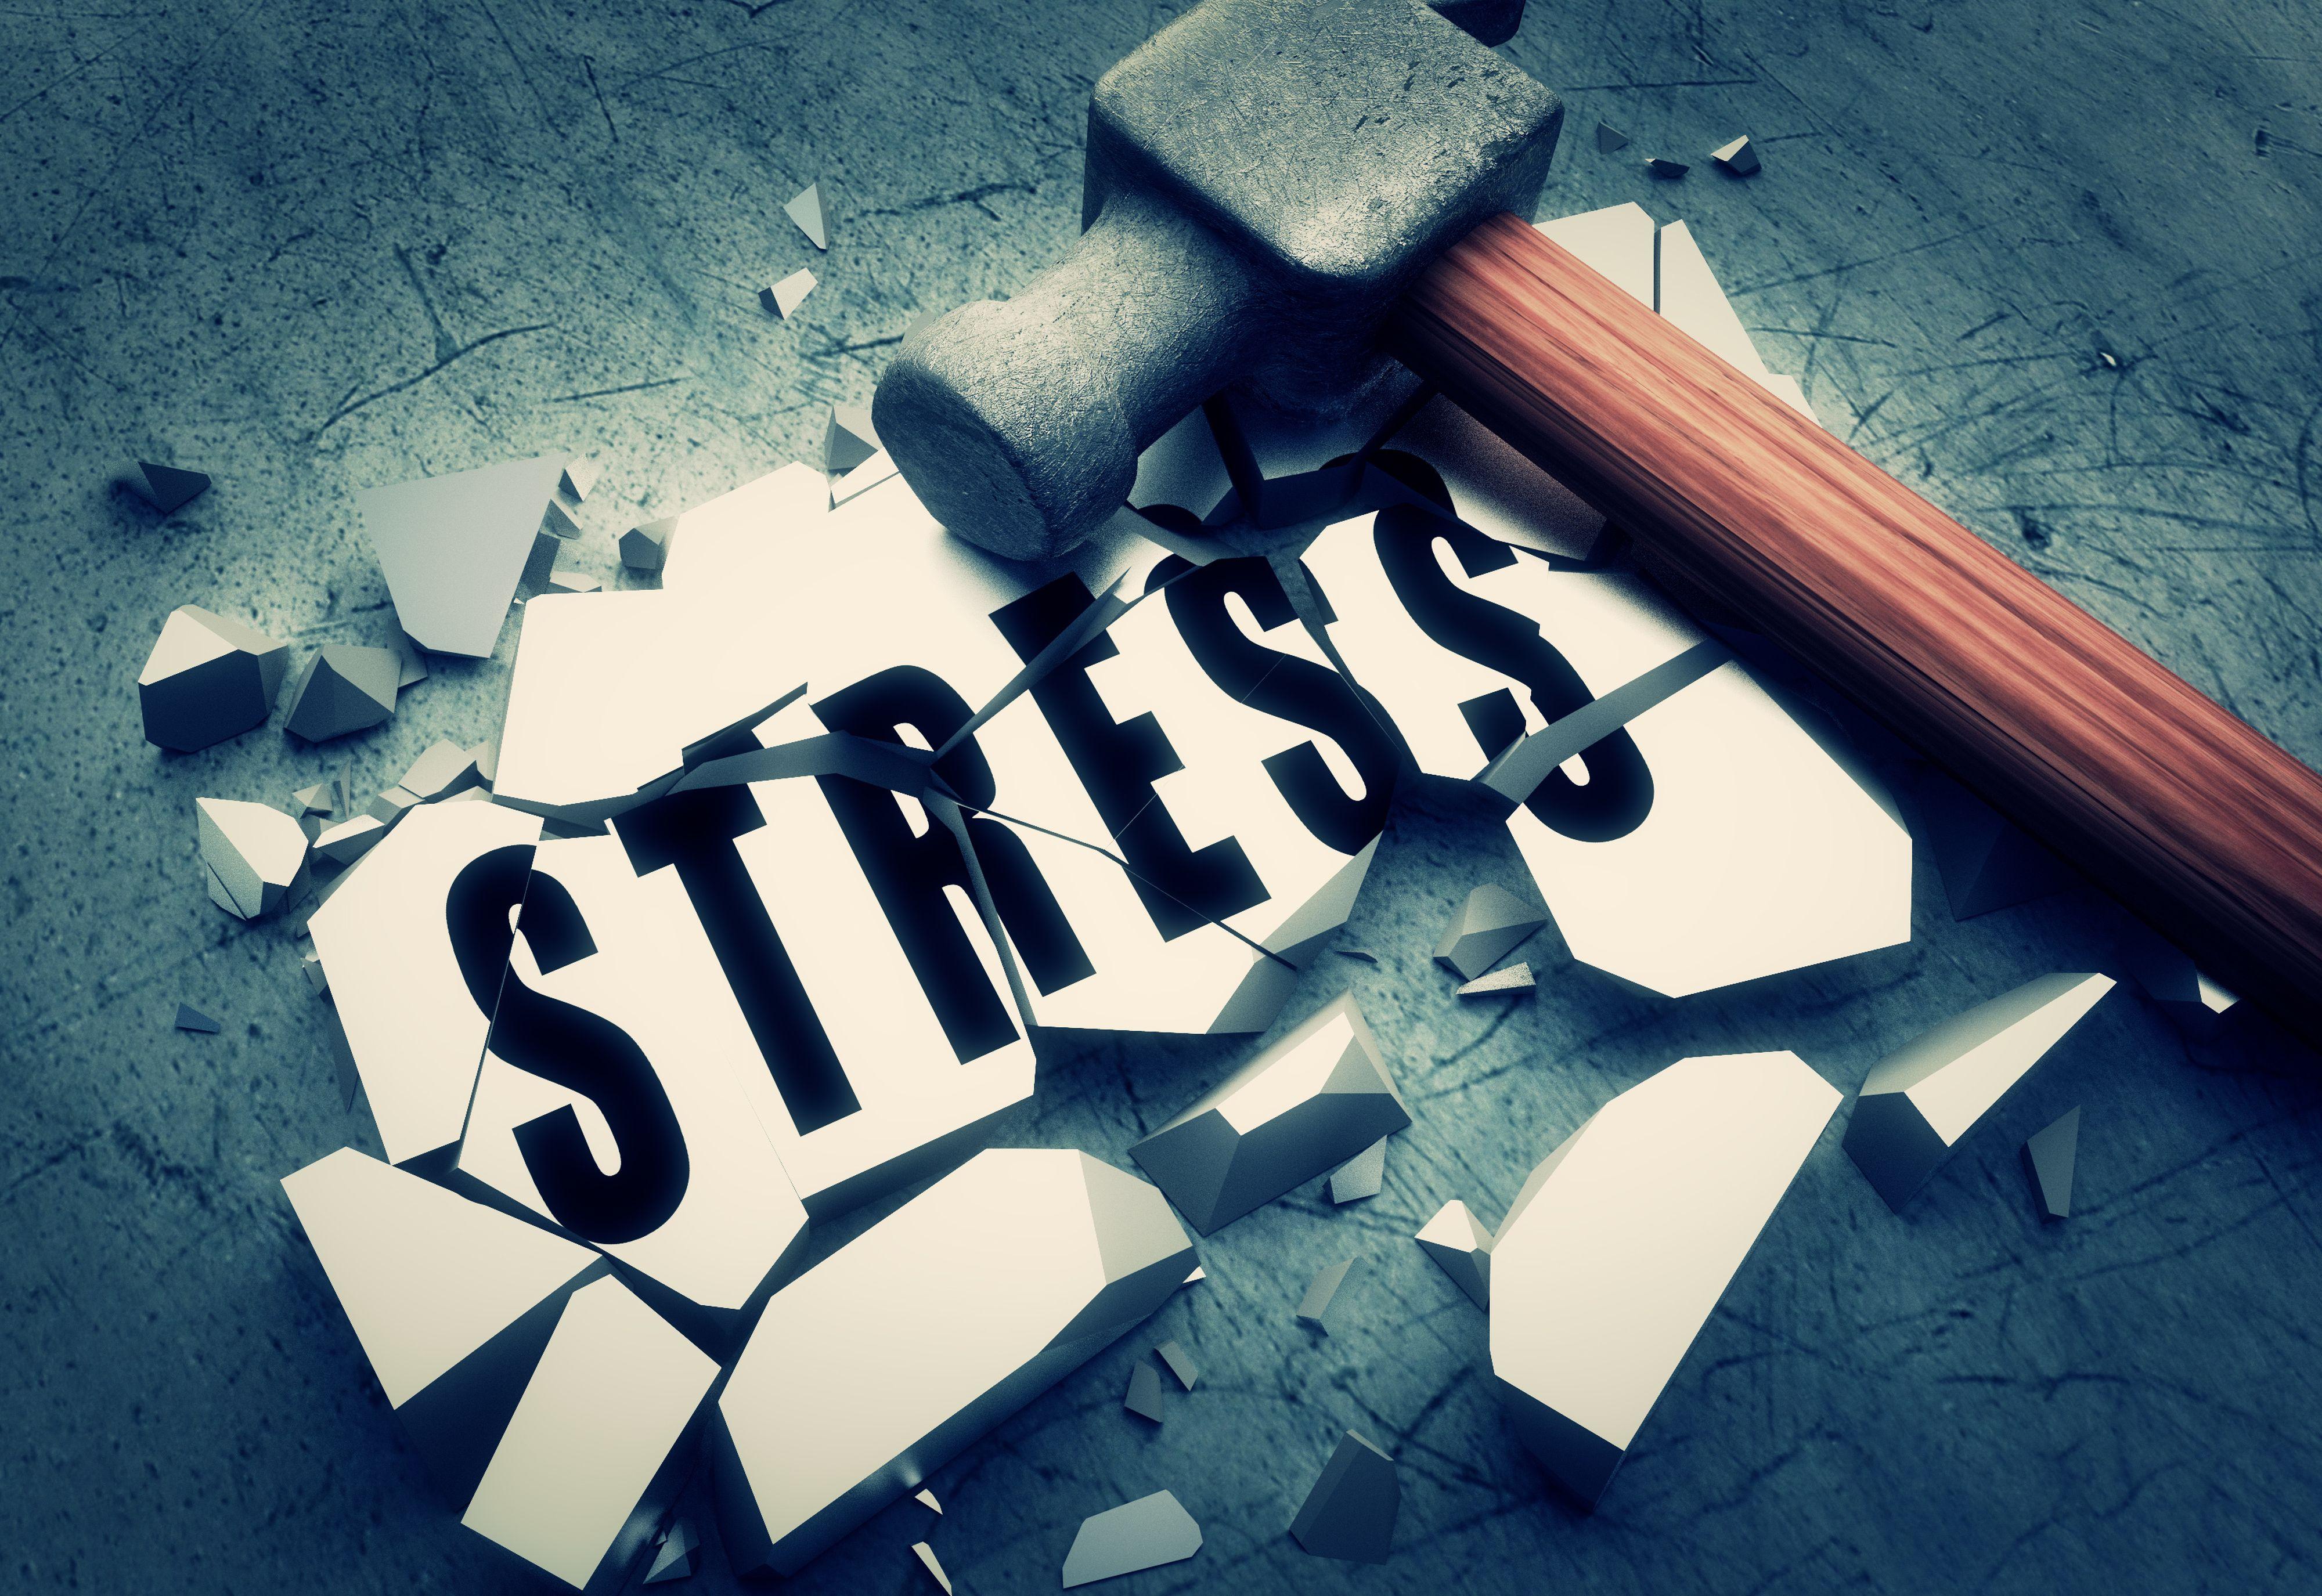 Kluczem do odporności psychicznej i dobrostanu pracowników może być rezyliencja. (Fot. Shutterstock)